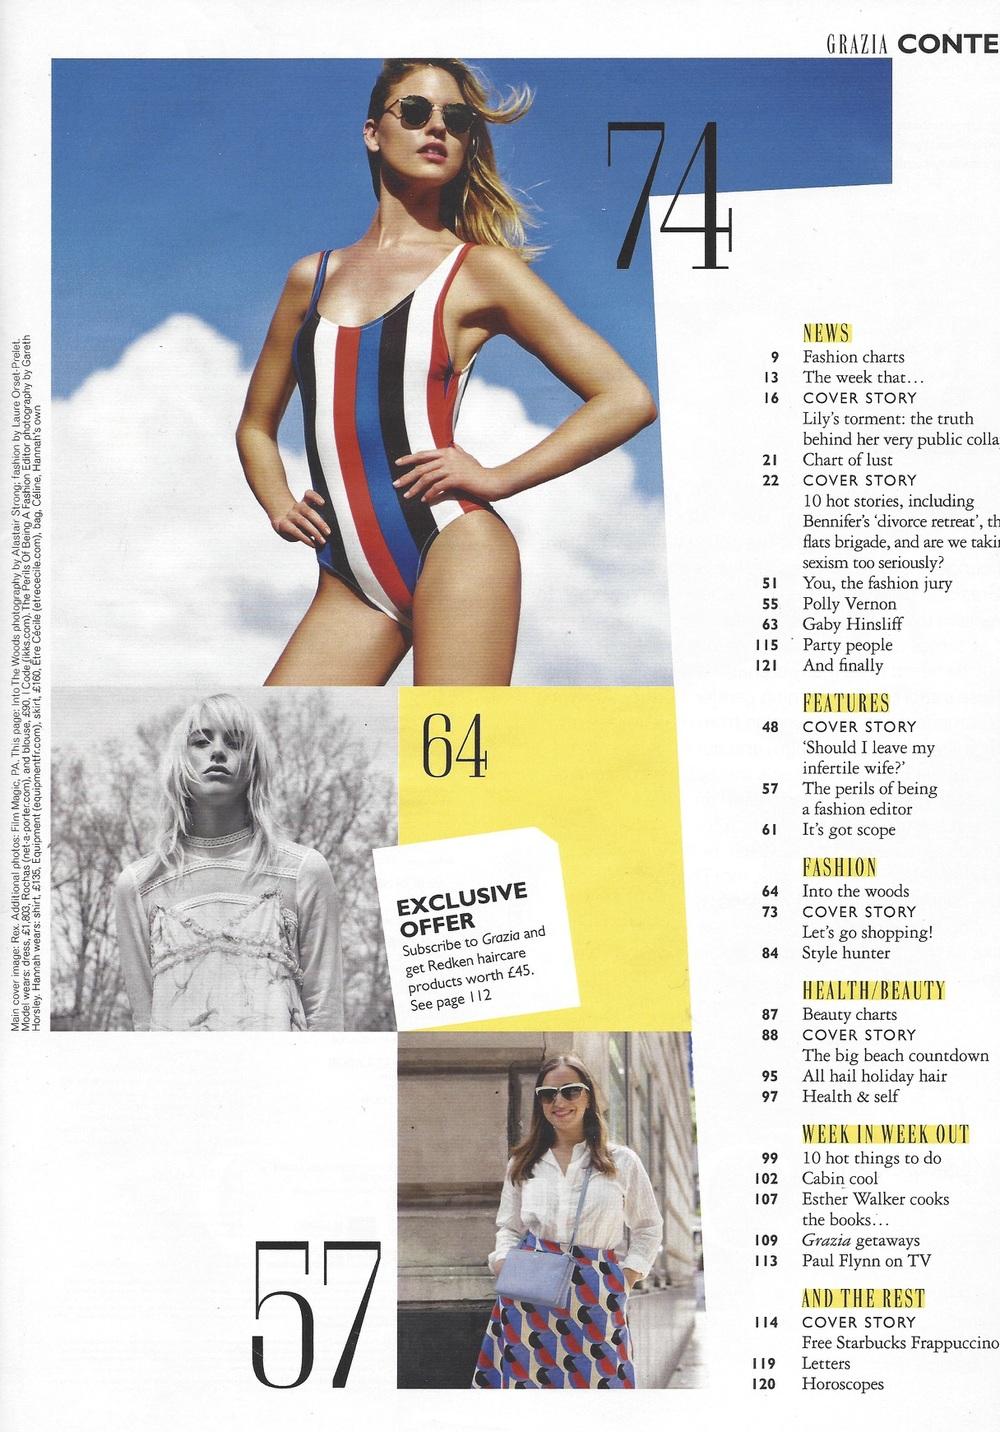 etre_cecile_grazia_fashion_editor_street_style